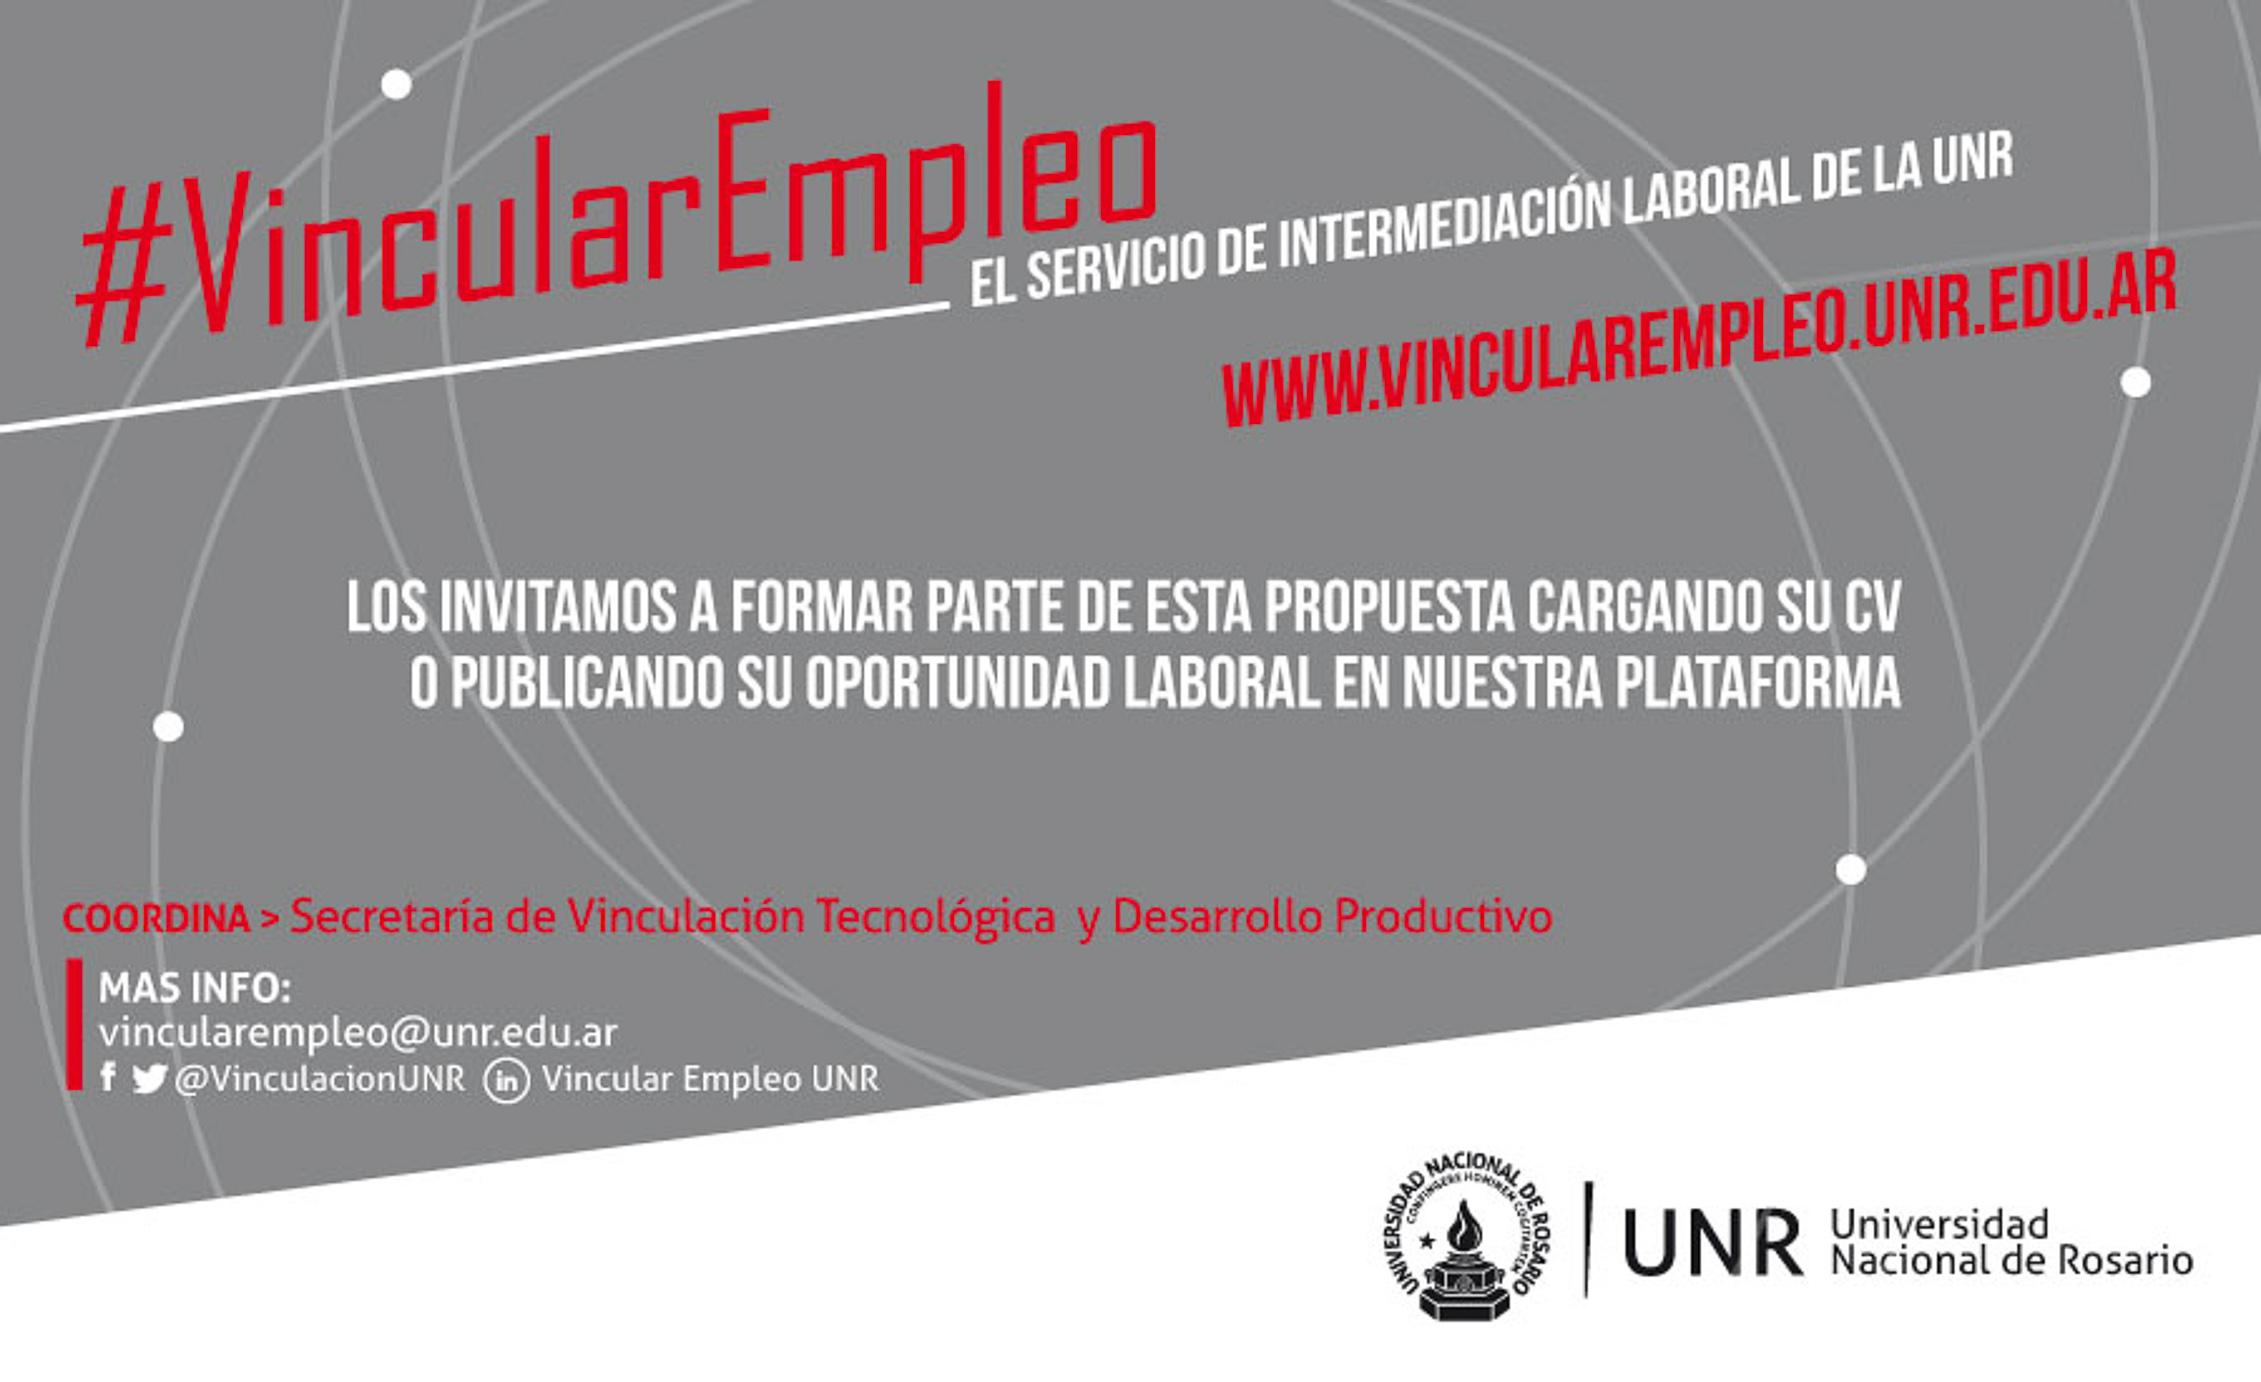 Vincular Empleo UNR: usos sociales de la tecnología en el campo de la intermediación laboral